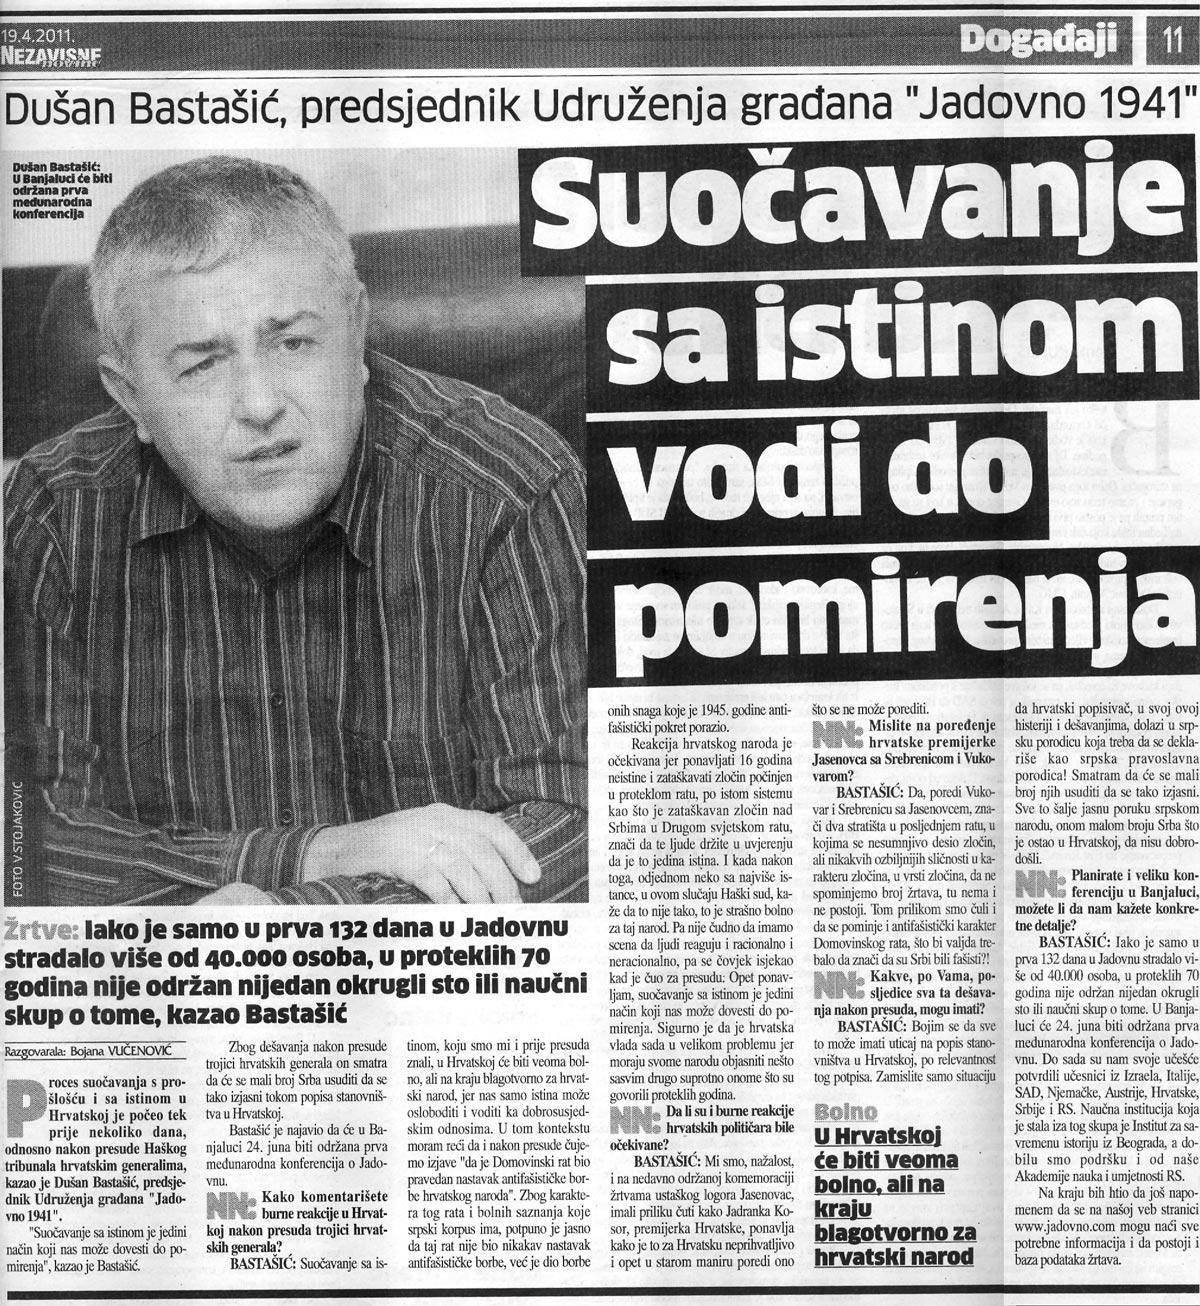 Dušan Bastašić: Suočavanje sa istinom vodi do pomirenja